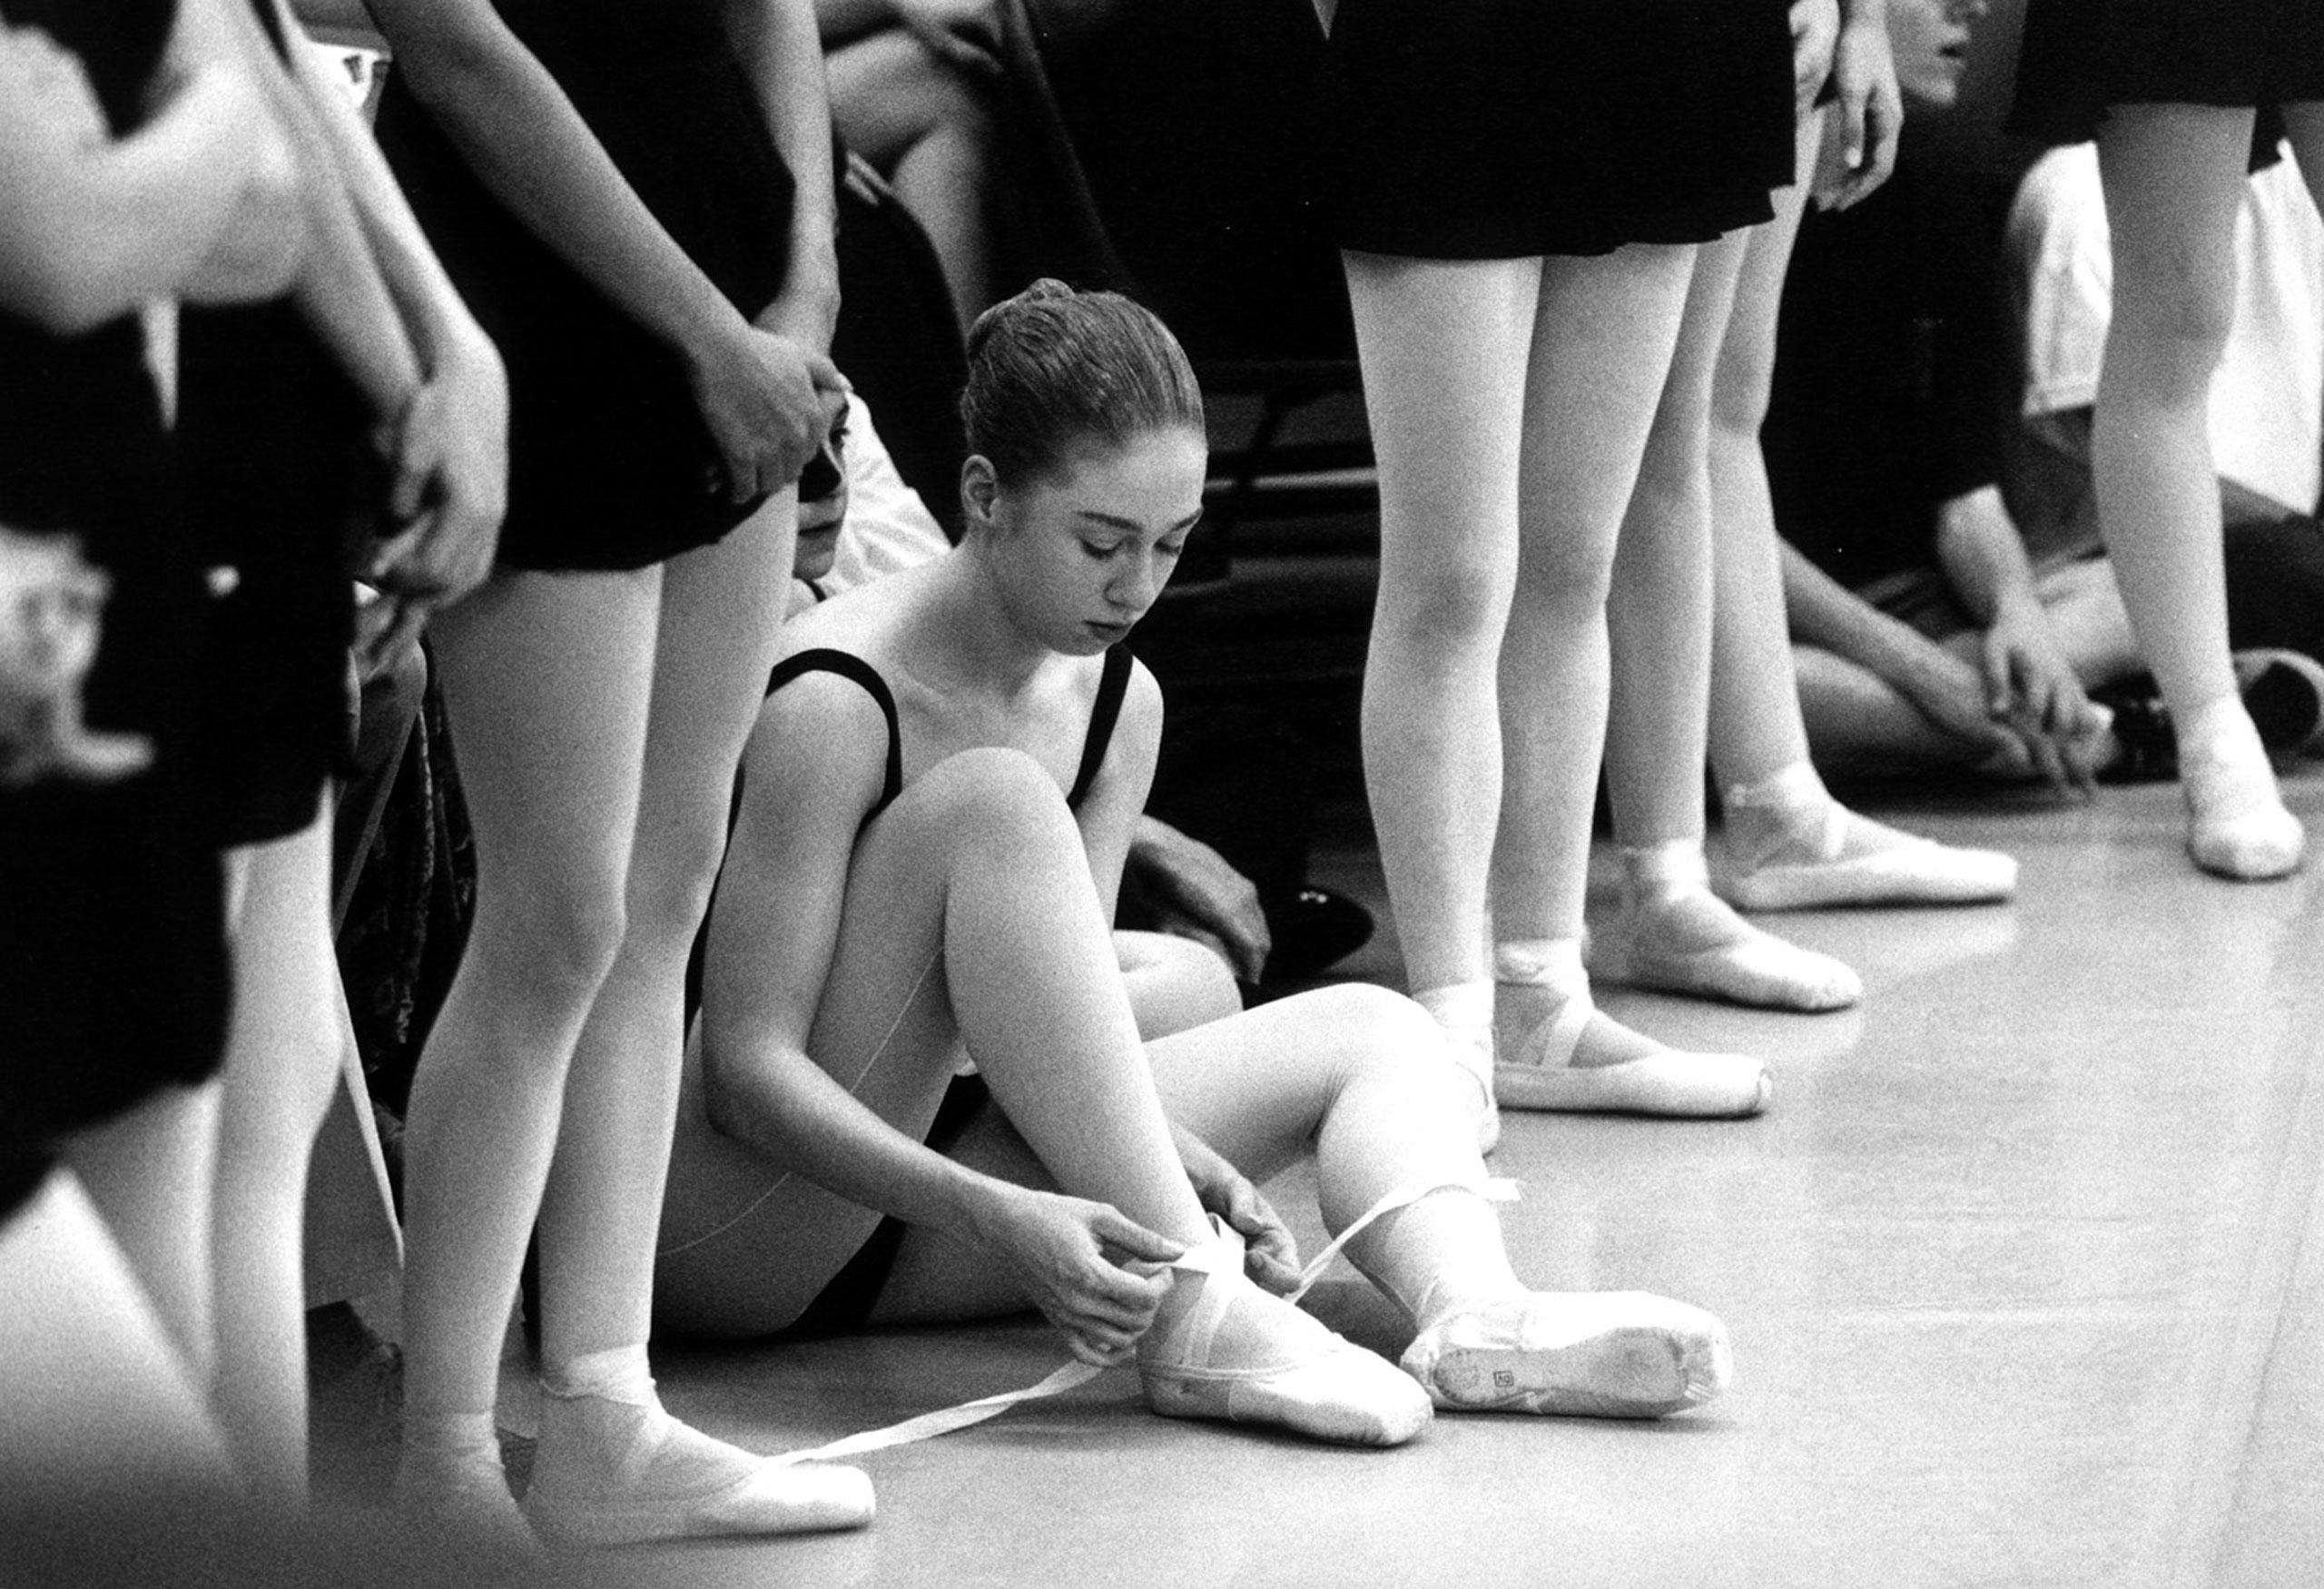 Chelsea Clinton at a ballet recital at the Washington School of Ballet in Washington, DC.